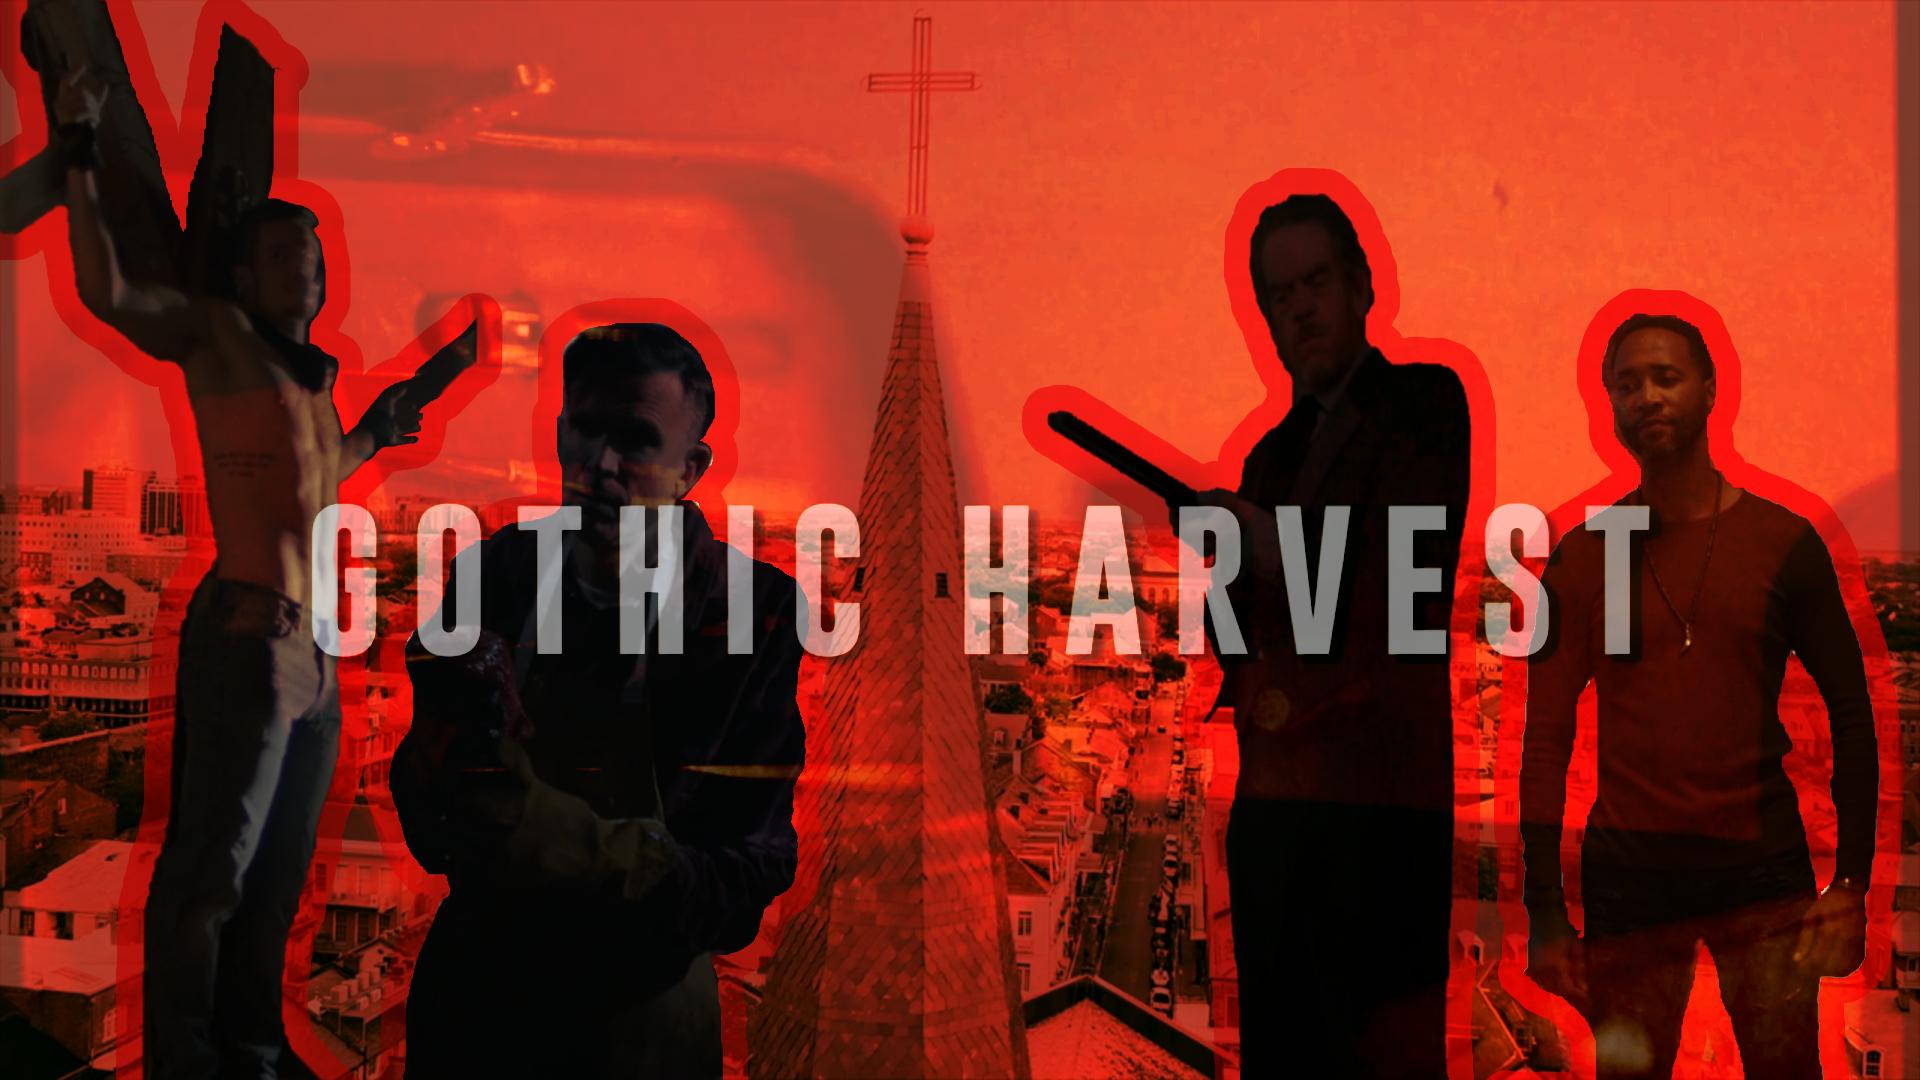 Gothic Harvest Fake Band